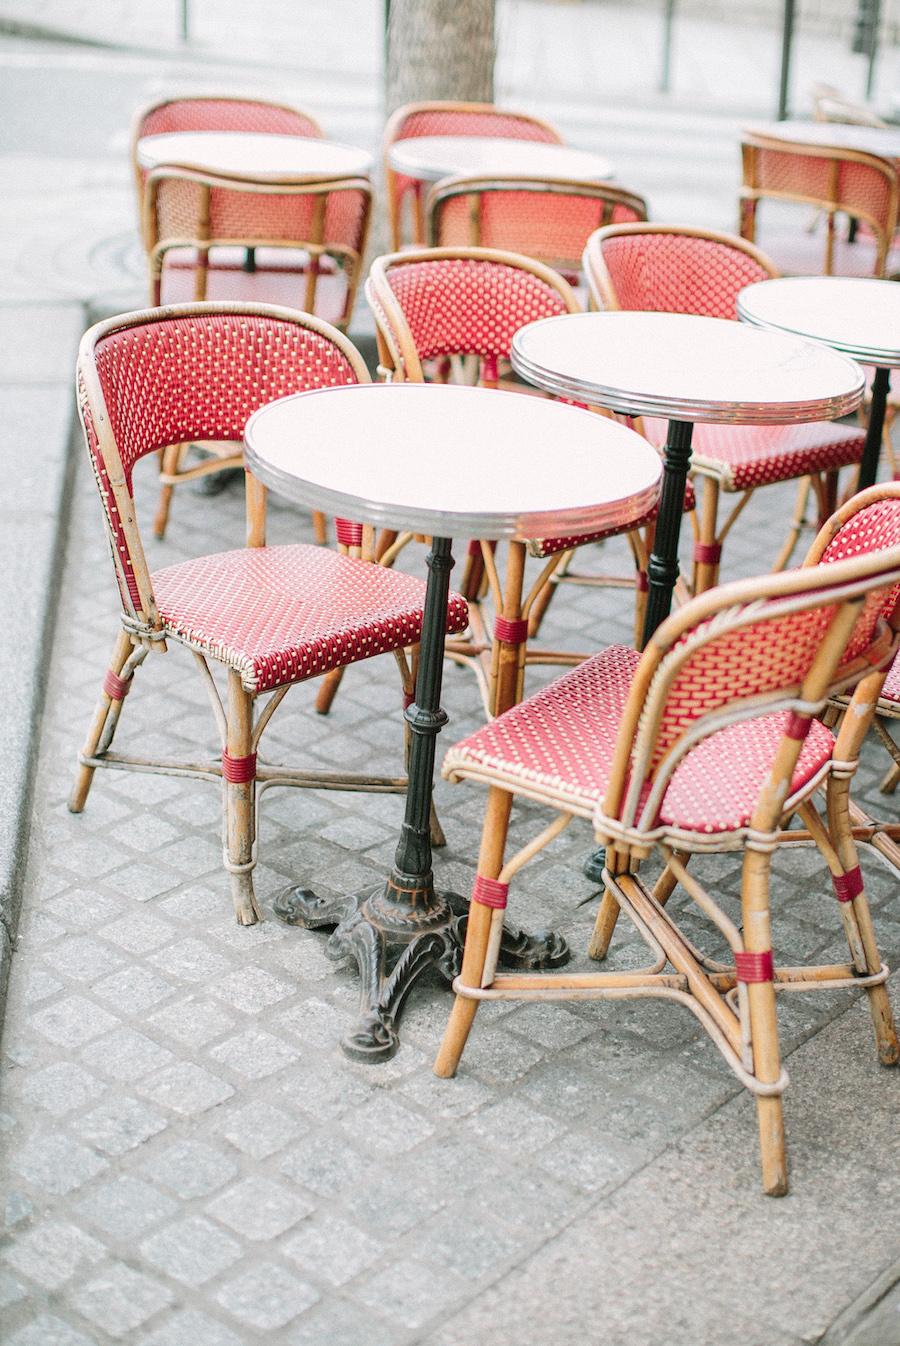 saya-photography-bistro-paris-quartier-latin-66.jpg